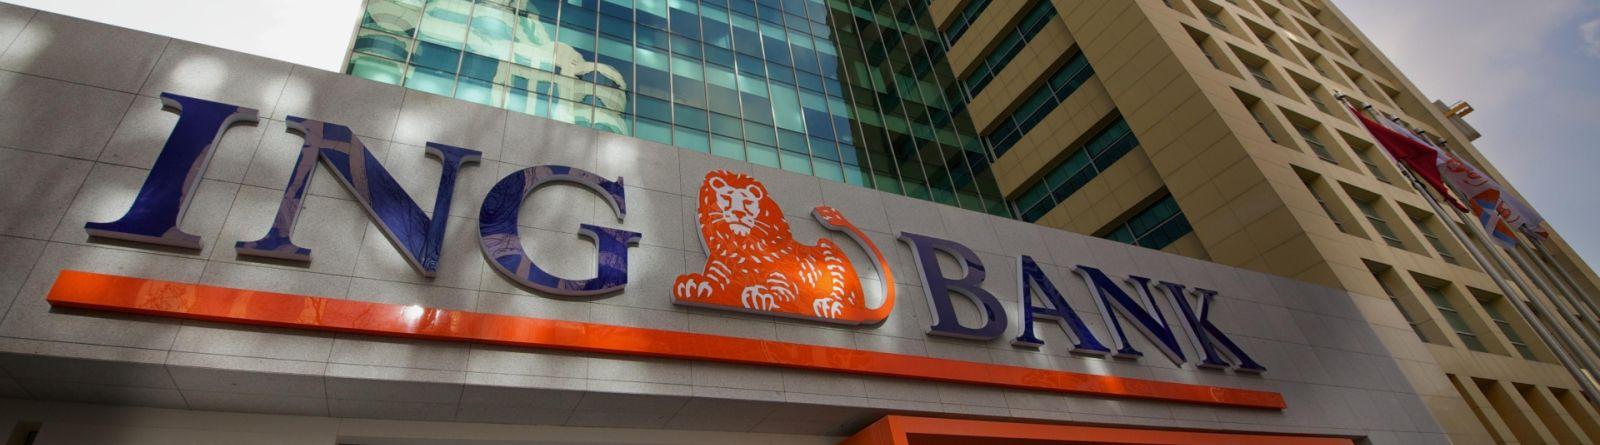 Antiriciclaggio, Ing Bank patteggia una multa da 30 milioni